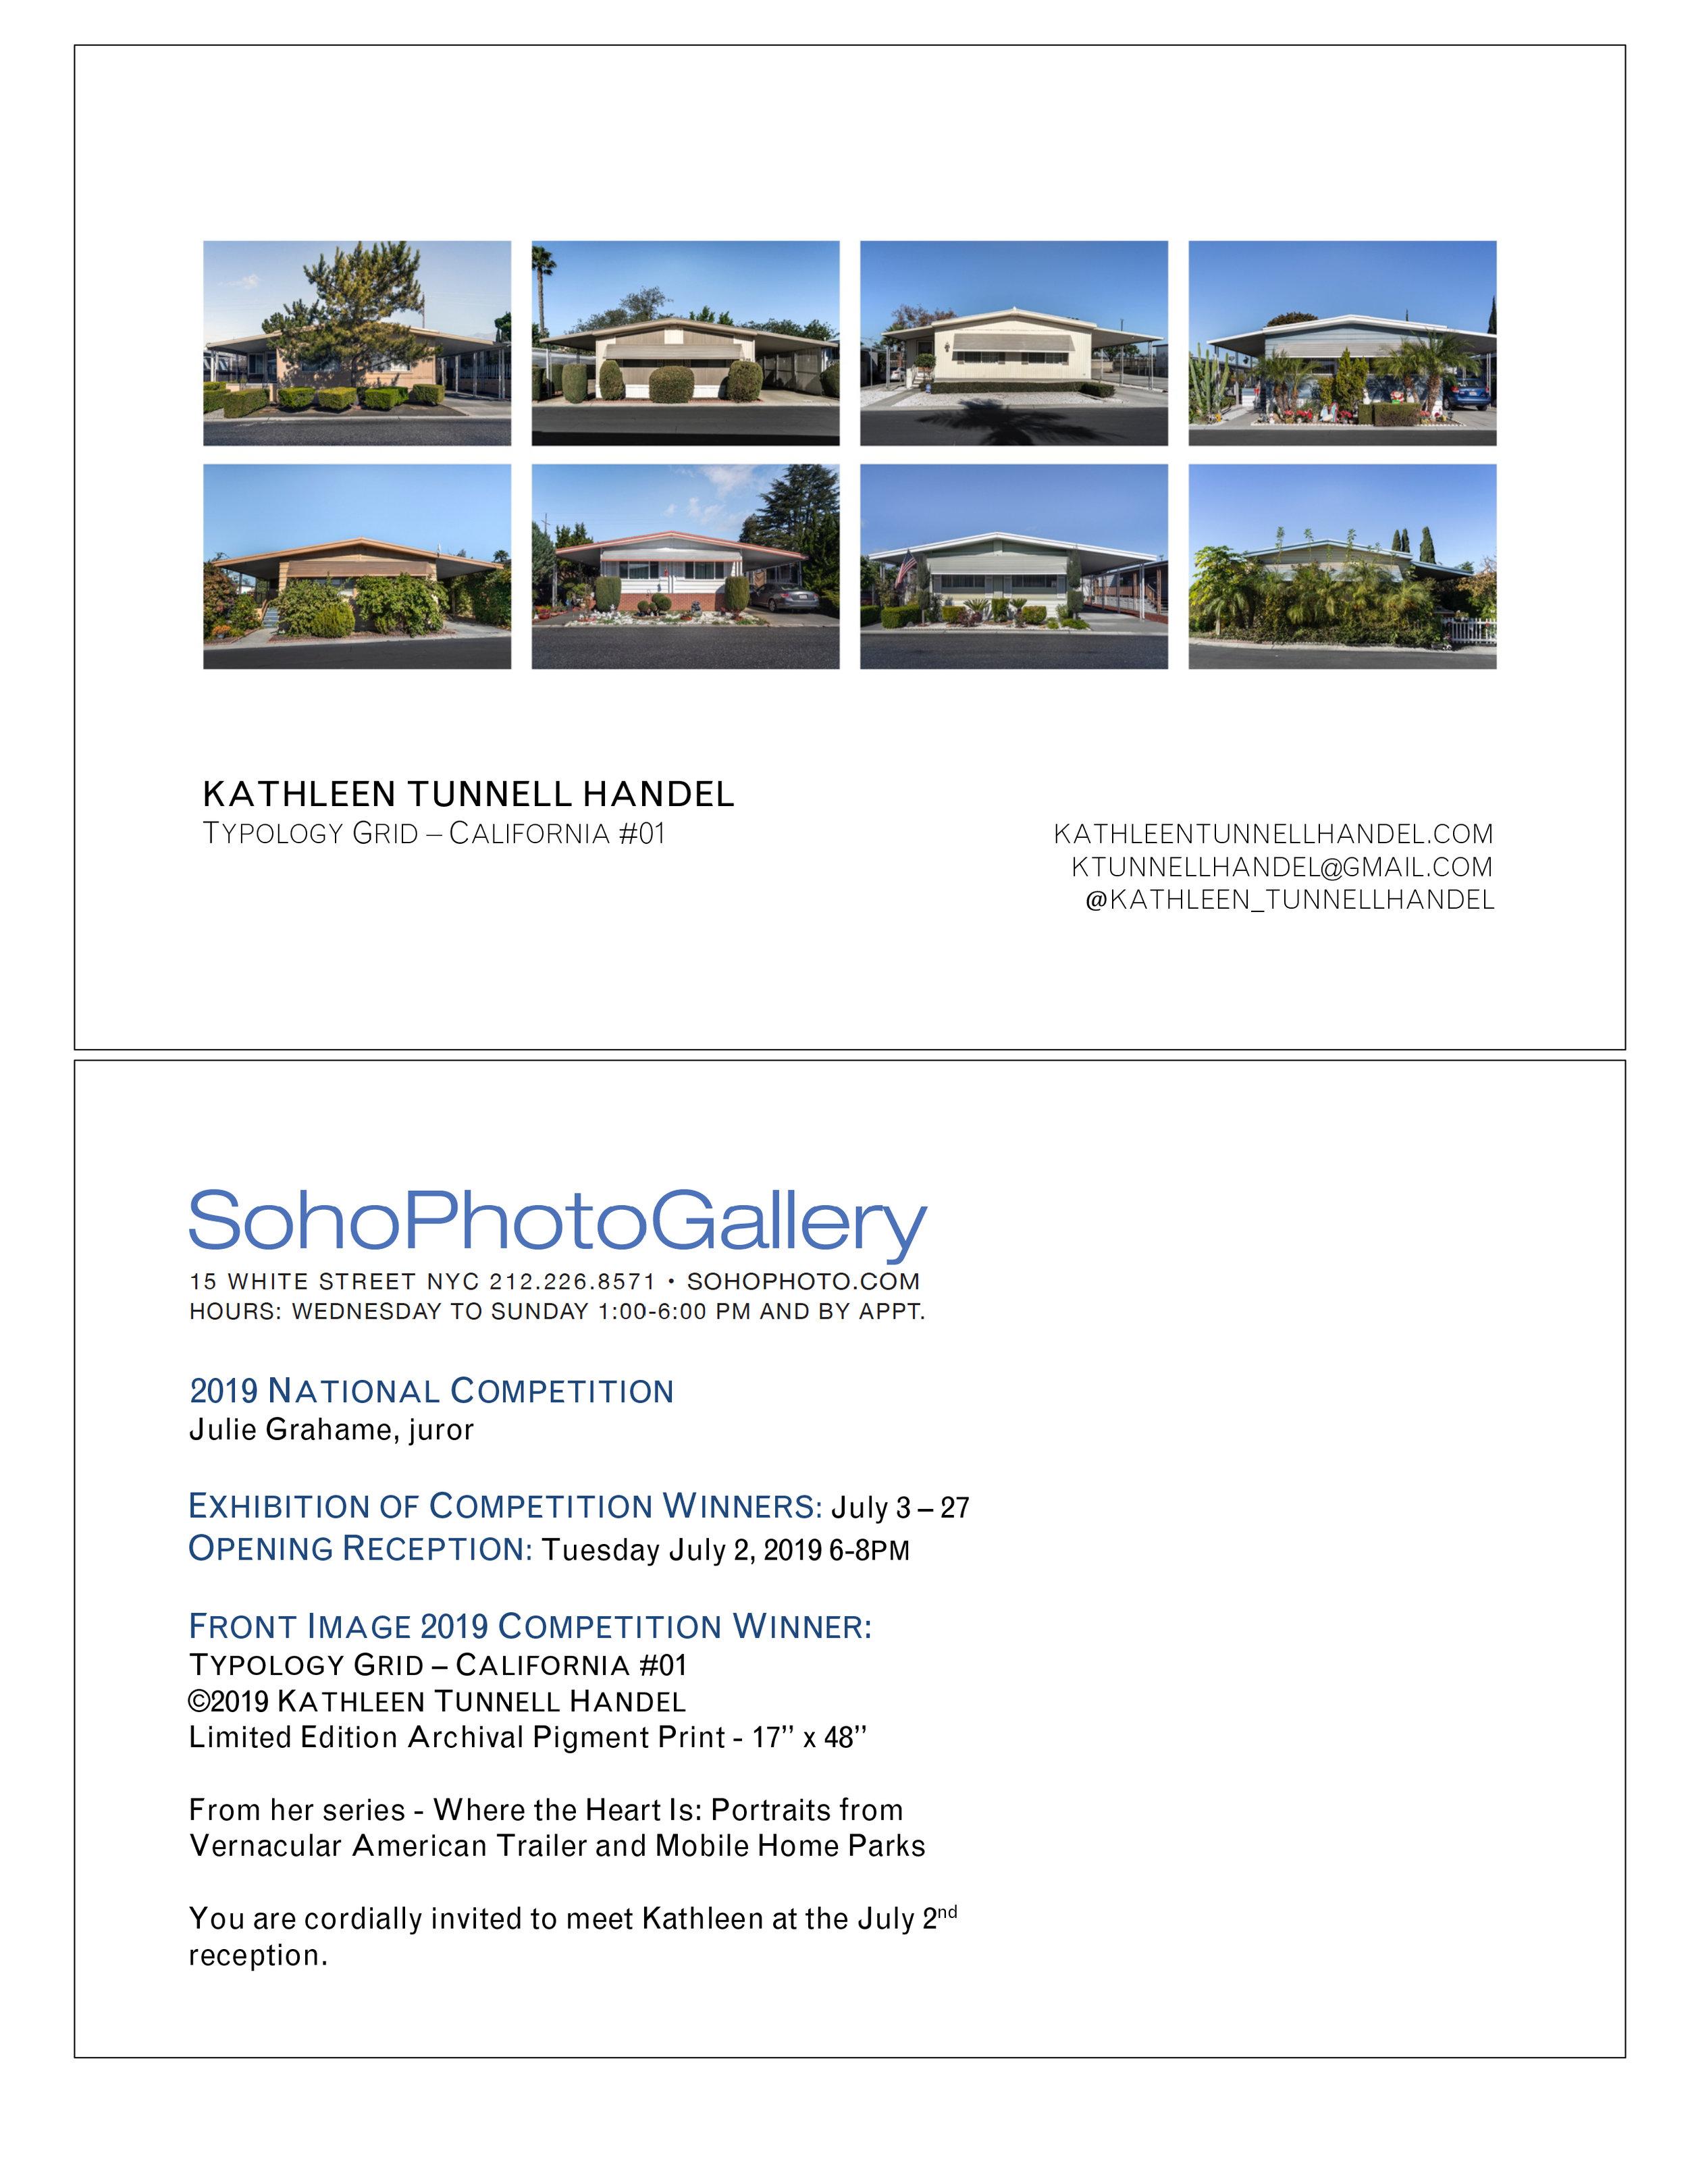 2019-07-02_Opening_SohoPhotoGallery_Kathleen Tunnell Handel.jpg